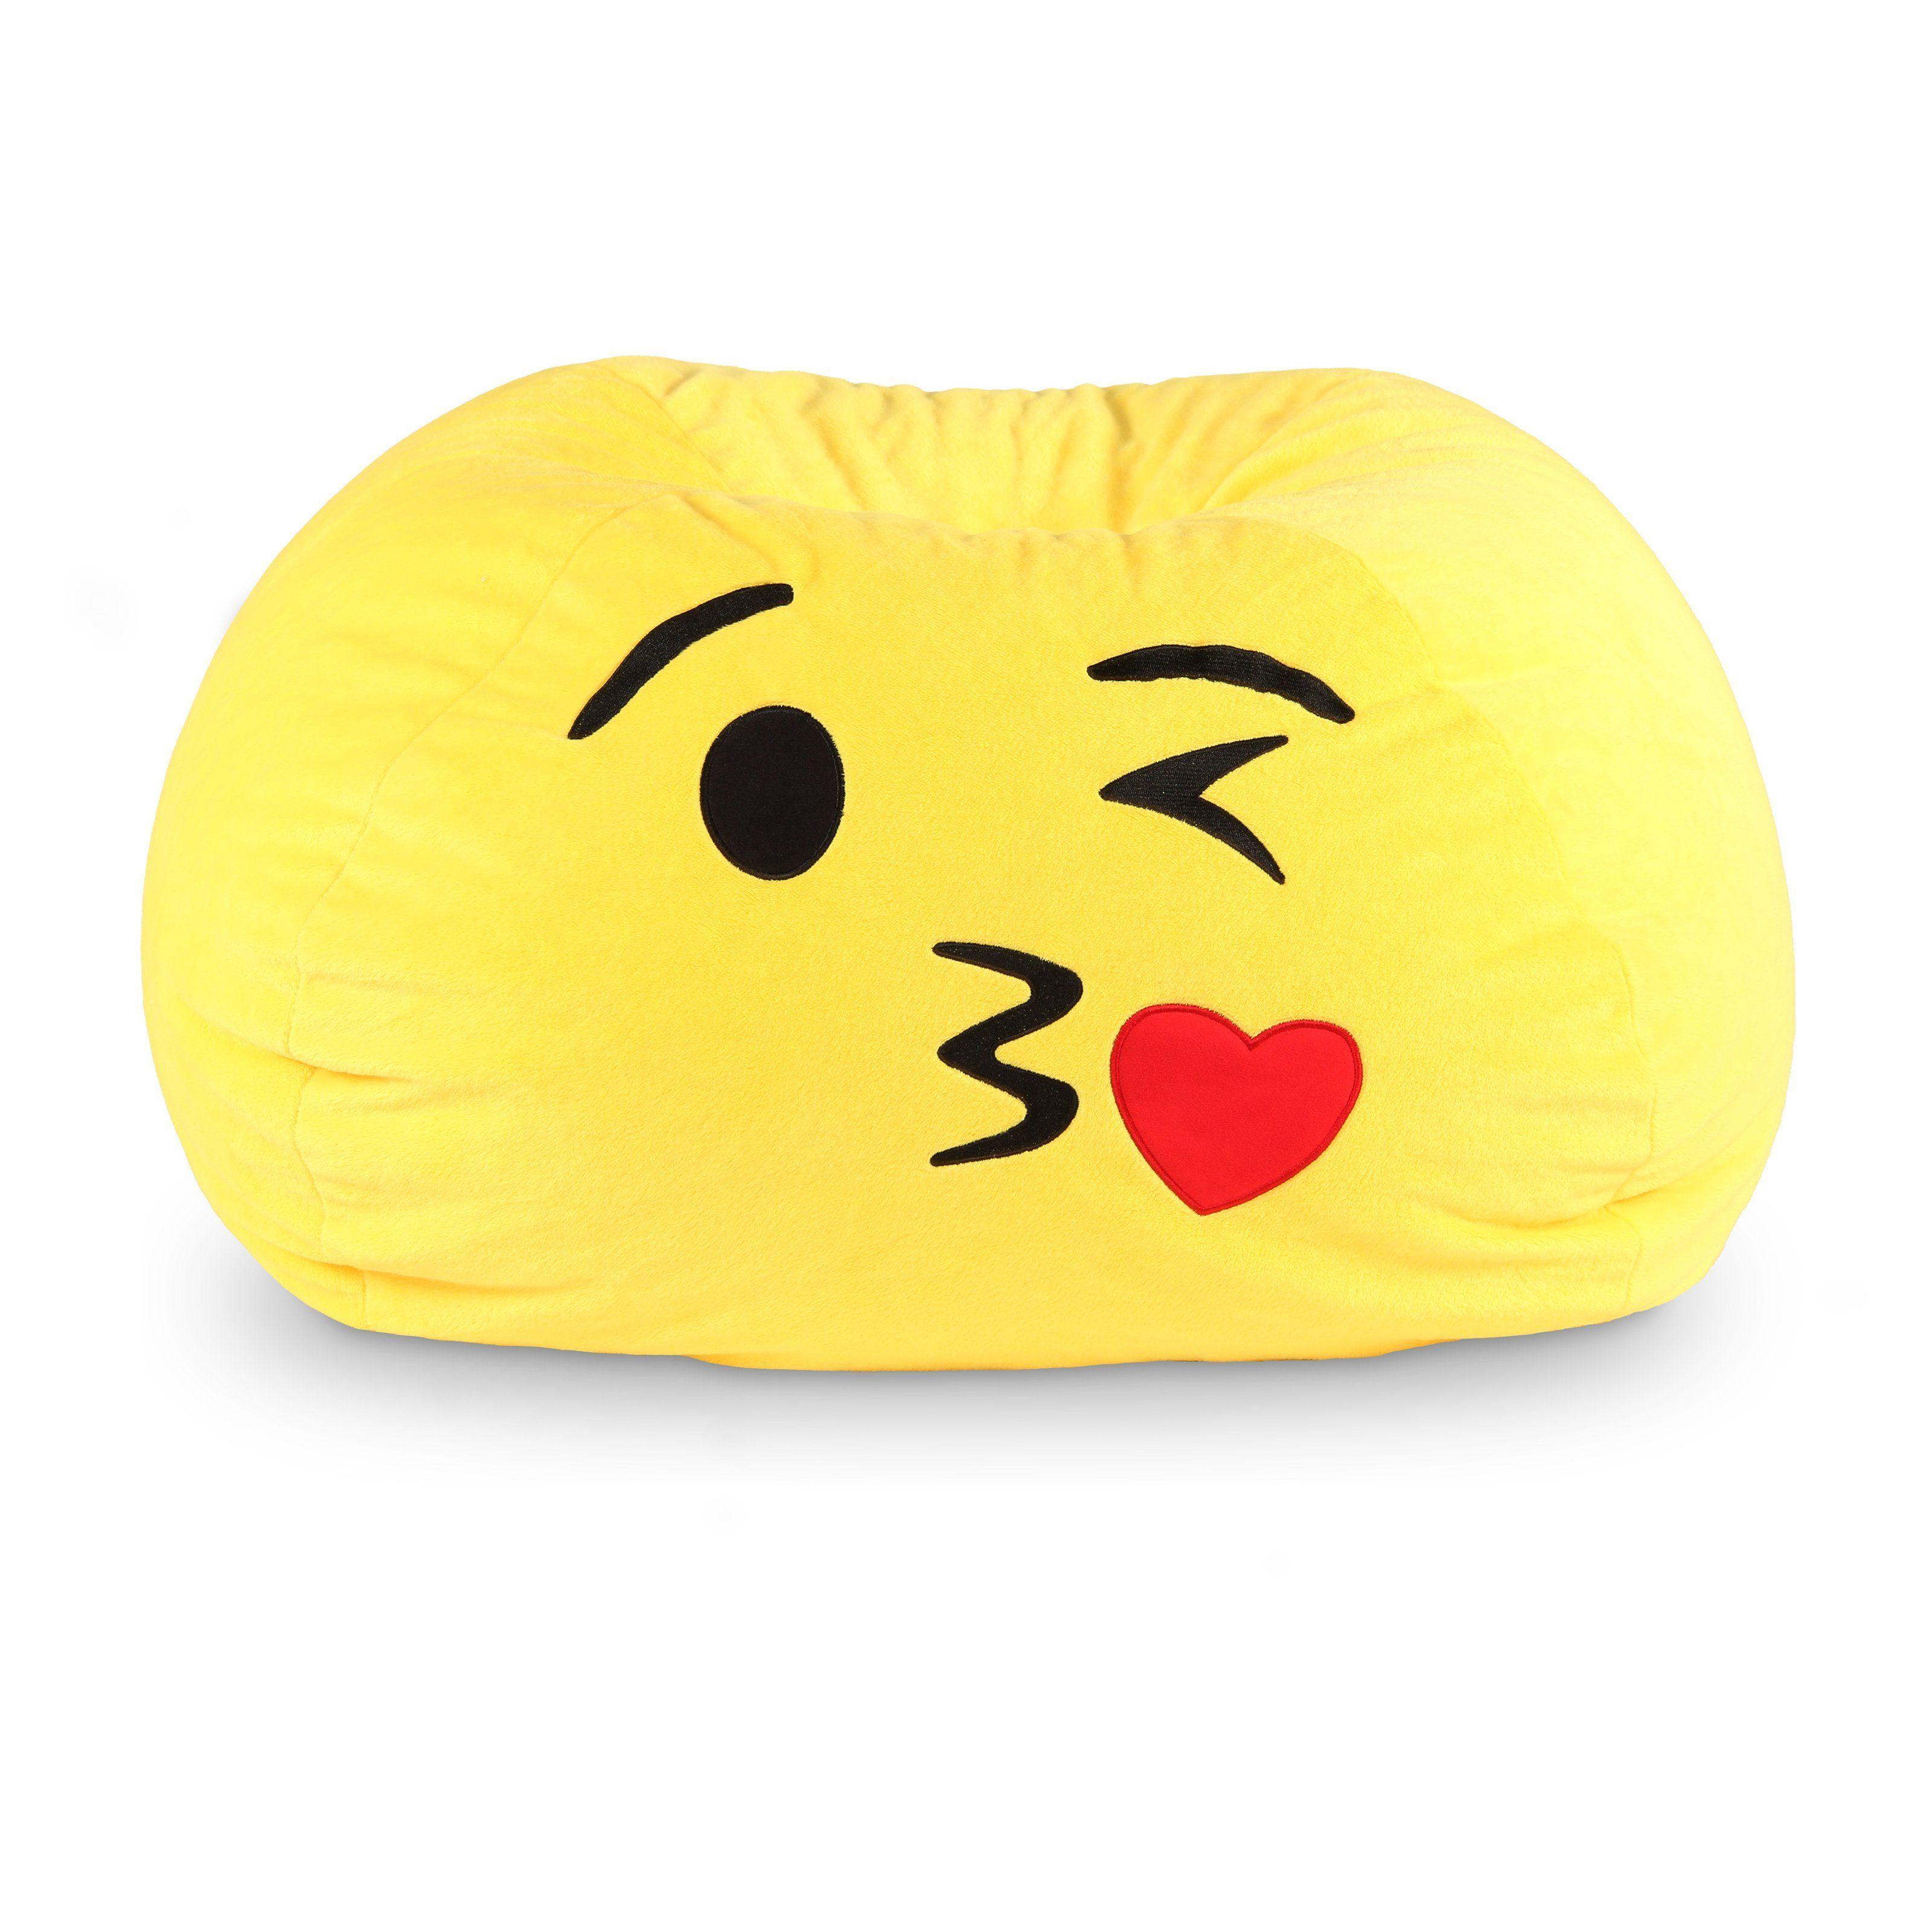 Gomoji Emoji Kiss Bean Bag Chair 9630201 Kids Bean Bags Emoji Bean Bag Yellow Bean Bags